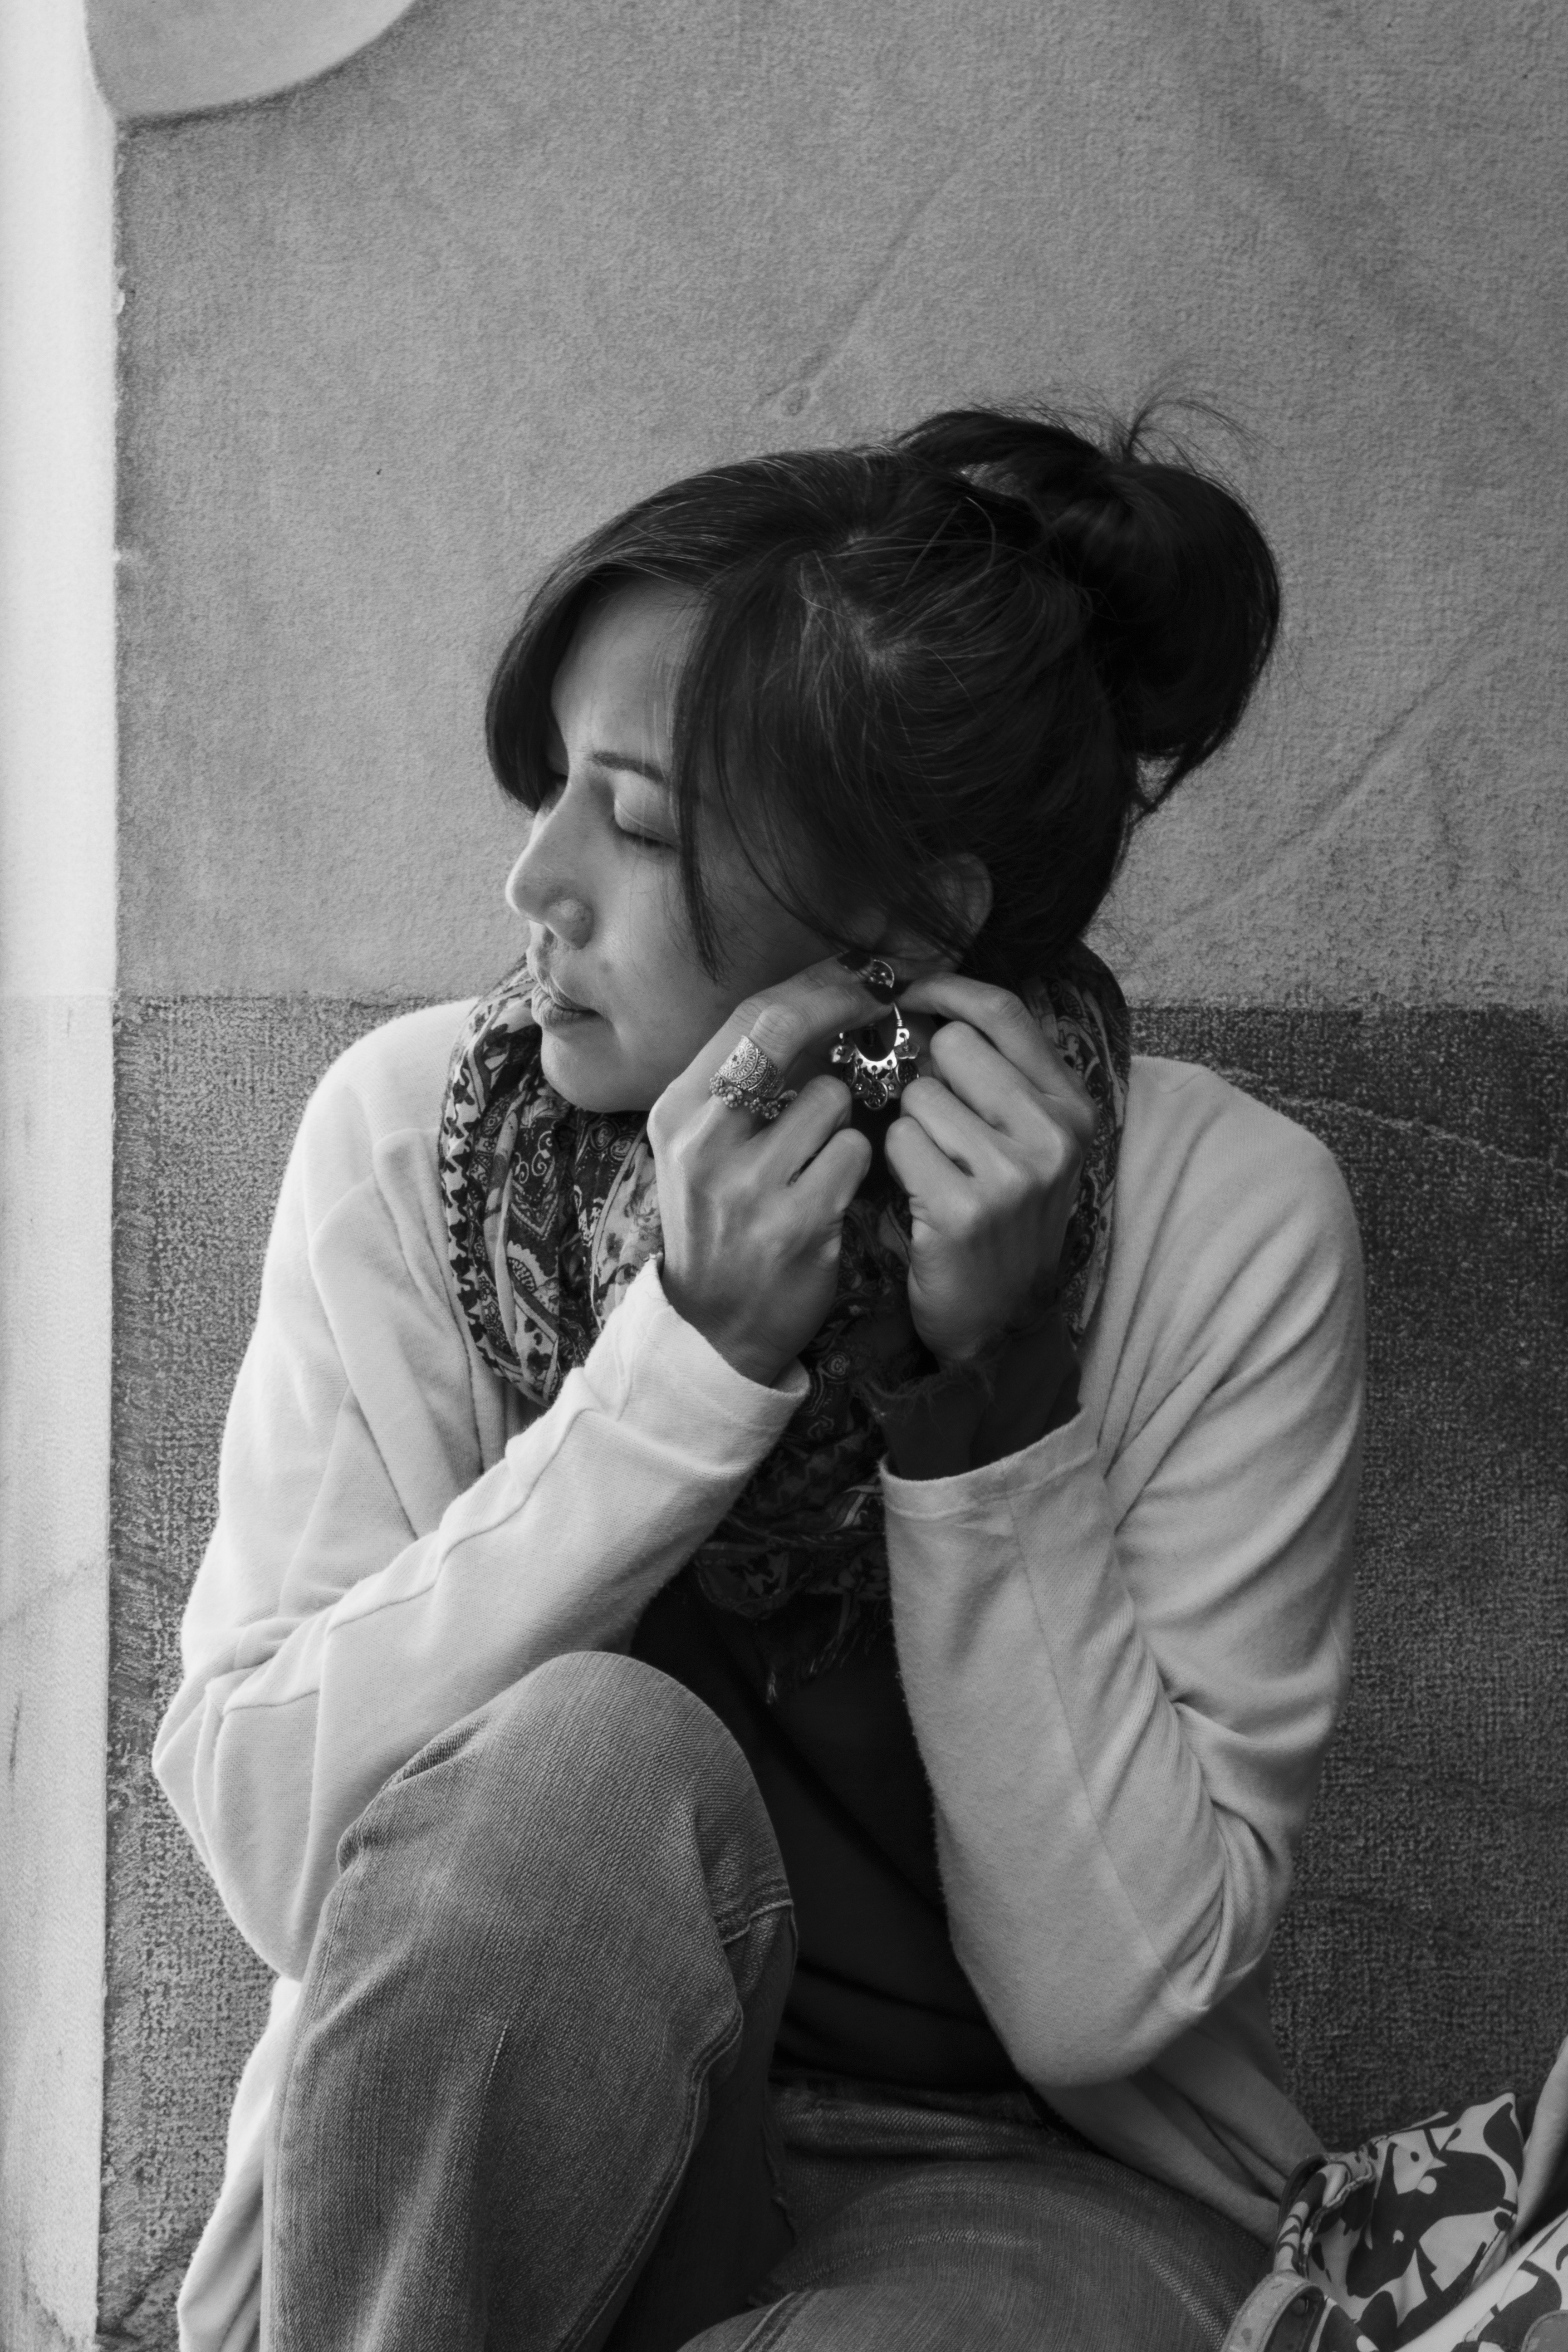 Substitutes Homeless, reportaje de fotografía de Diego Denora, expat en Valencia durante la pandemia Covid 19. Lila.